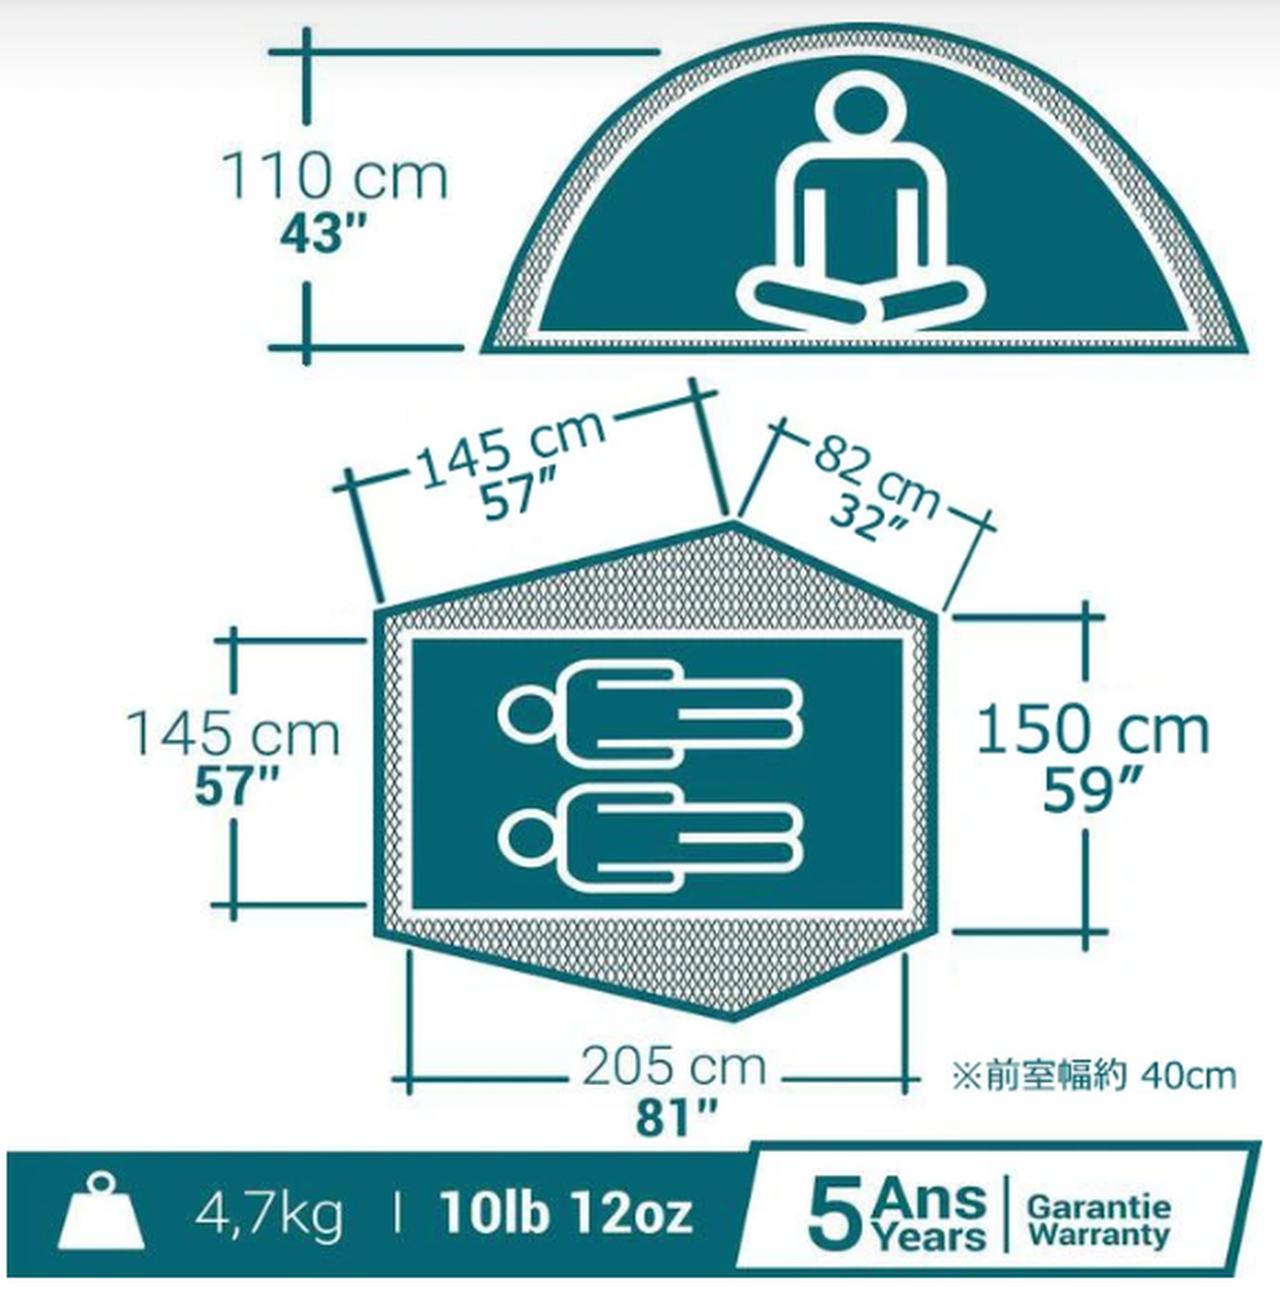 画像2: デカトロン公式サイト www.decathlon.co.jp